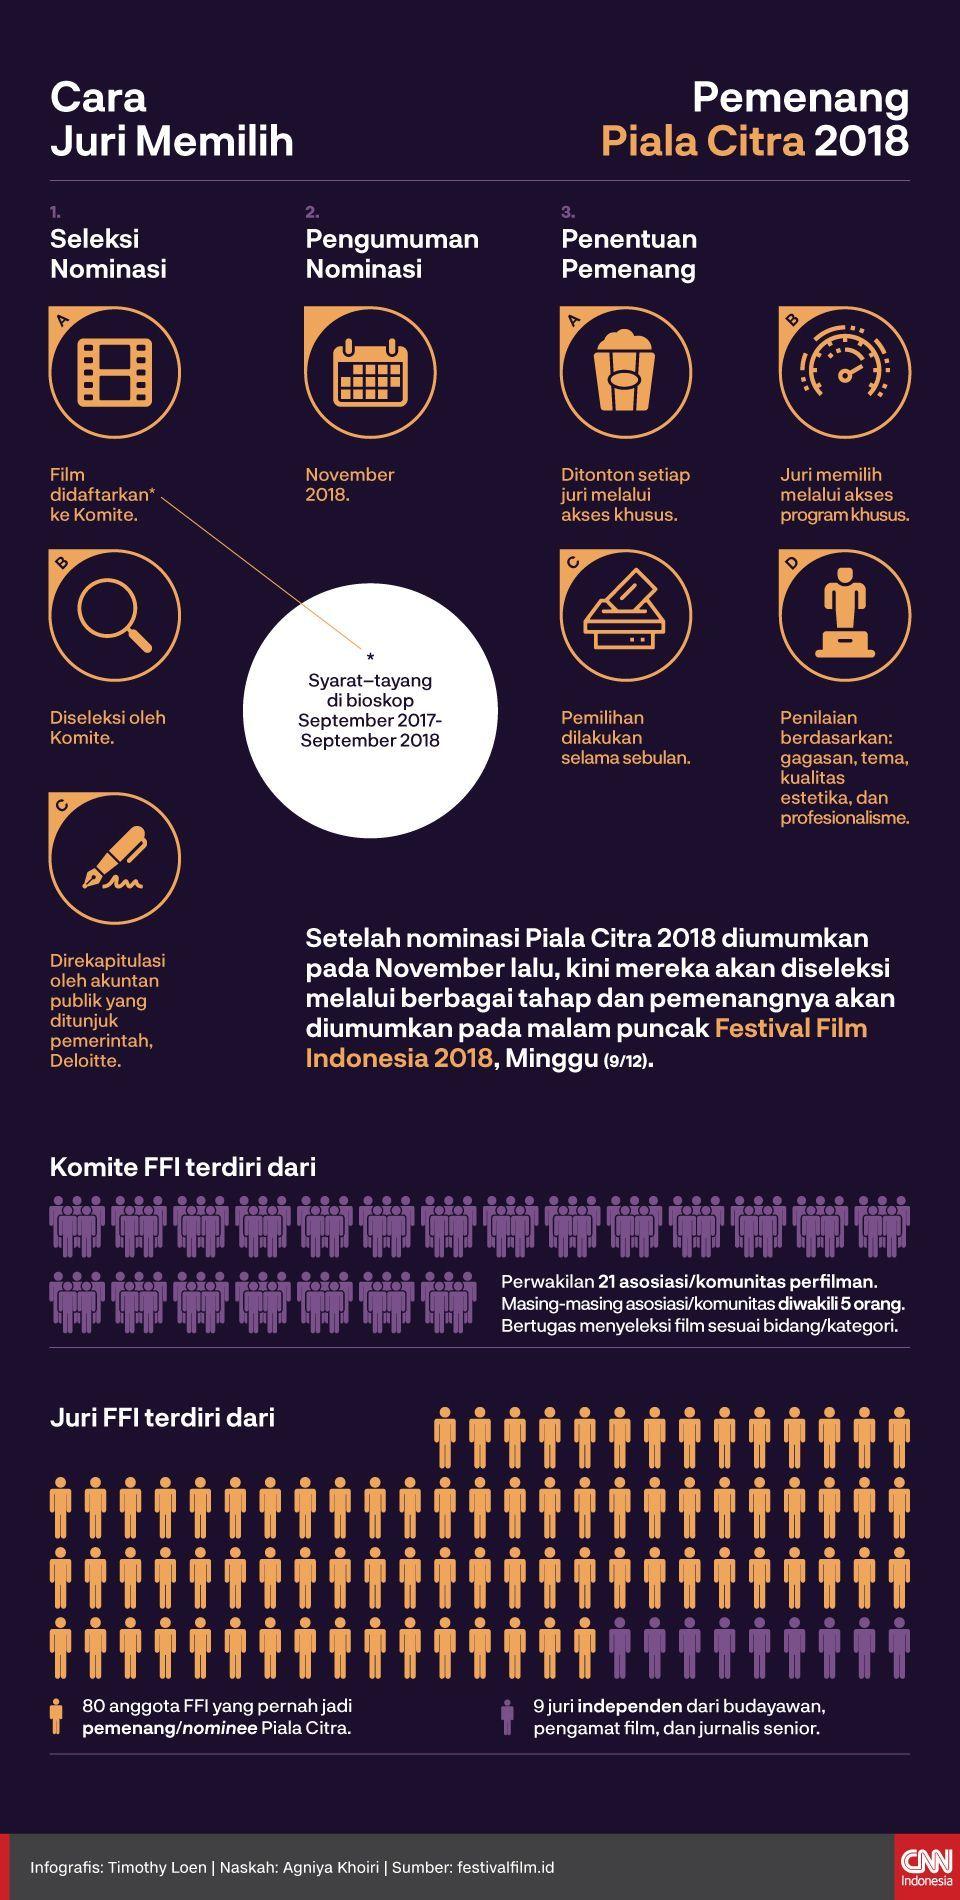 Infografis Cara Juri Memilih Pemenang Piala Citra 2018